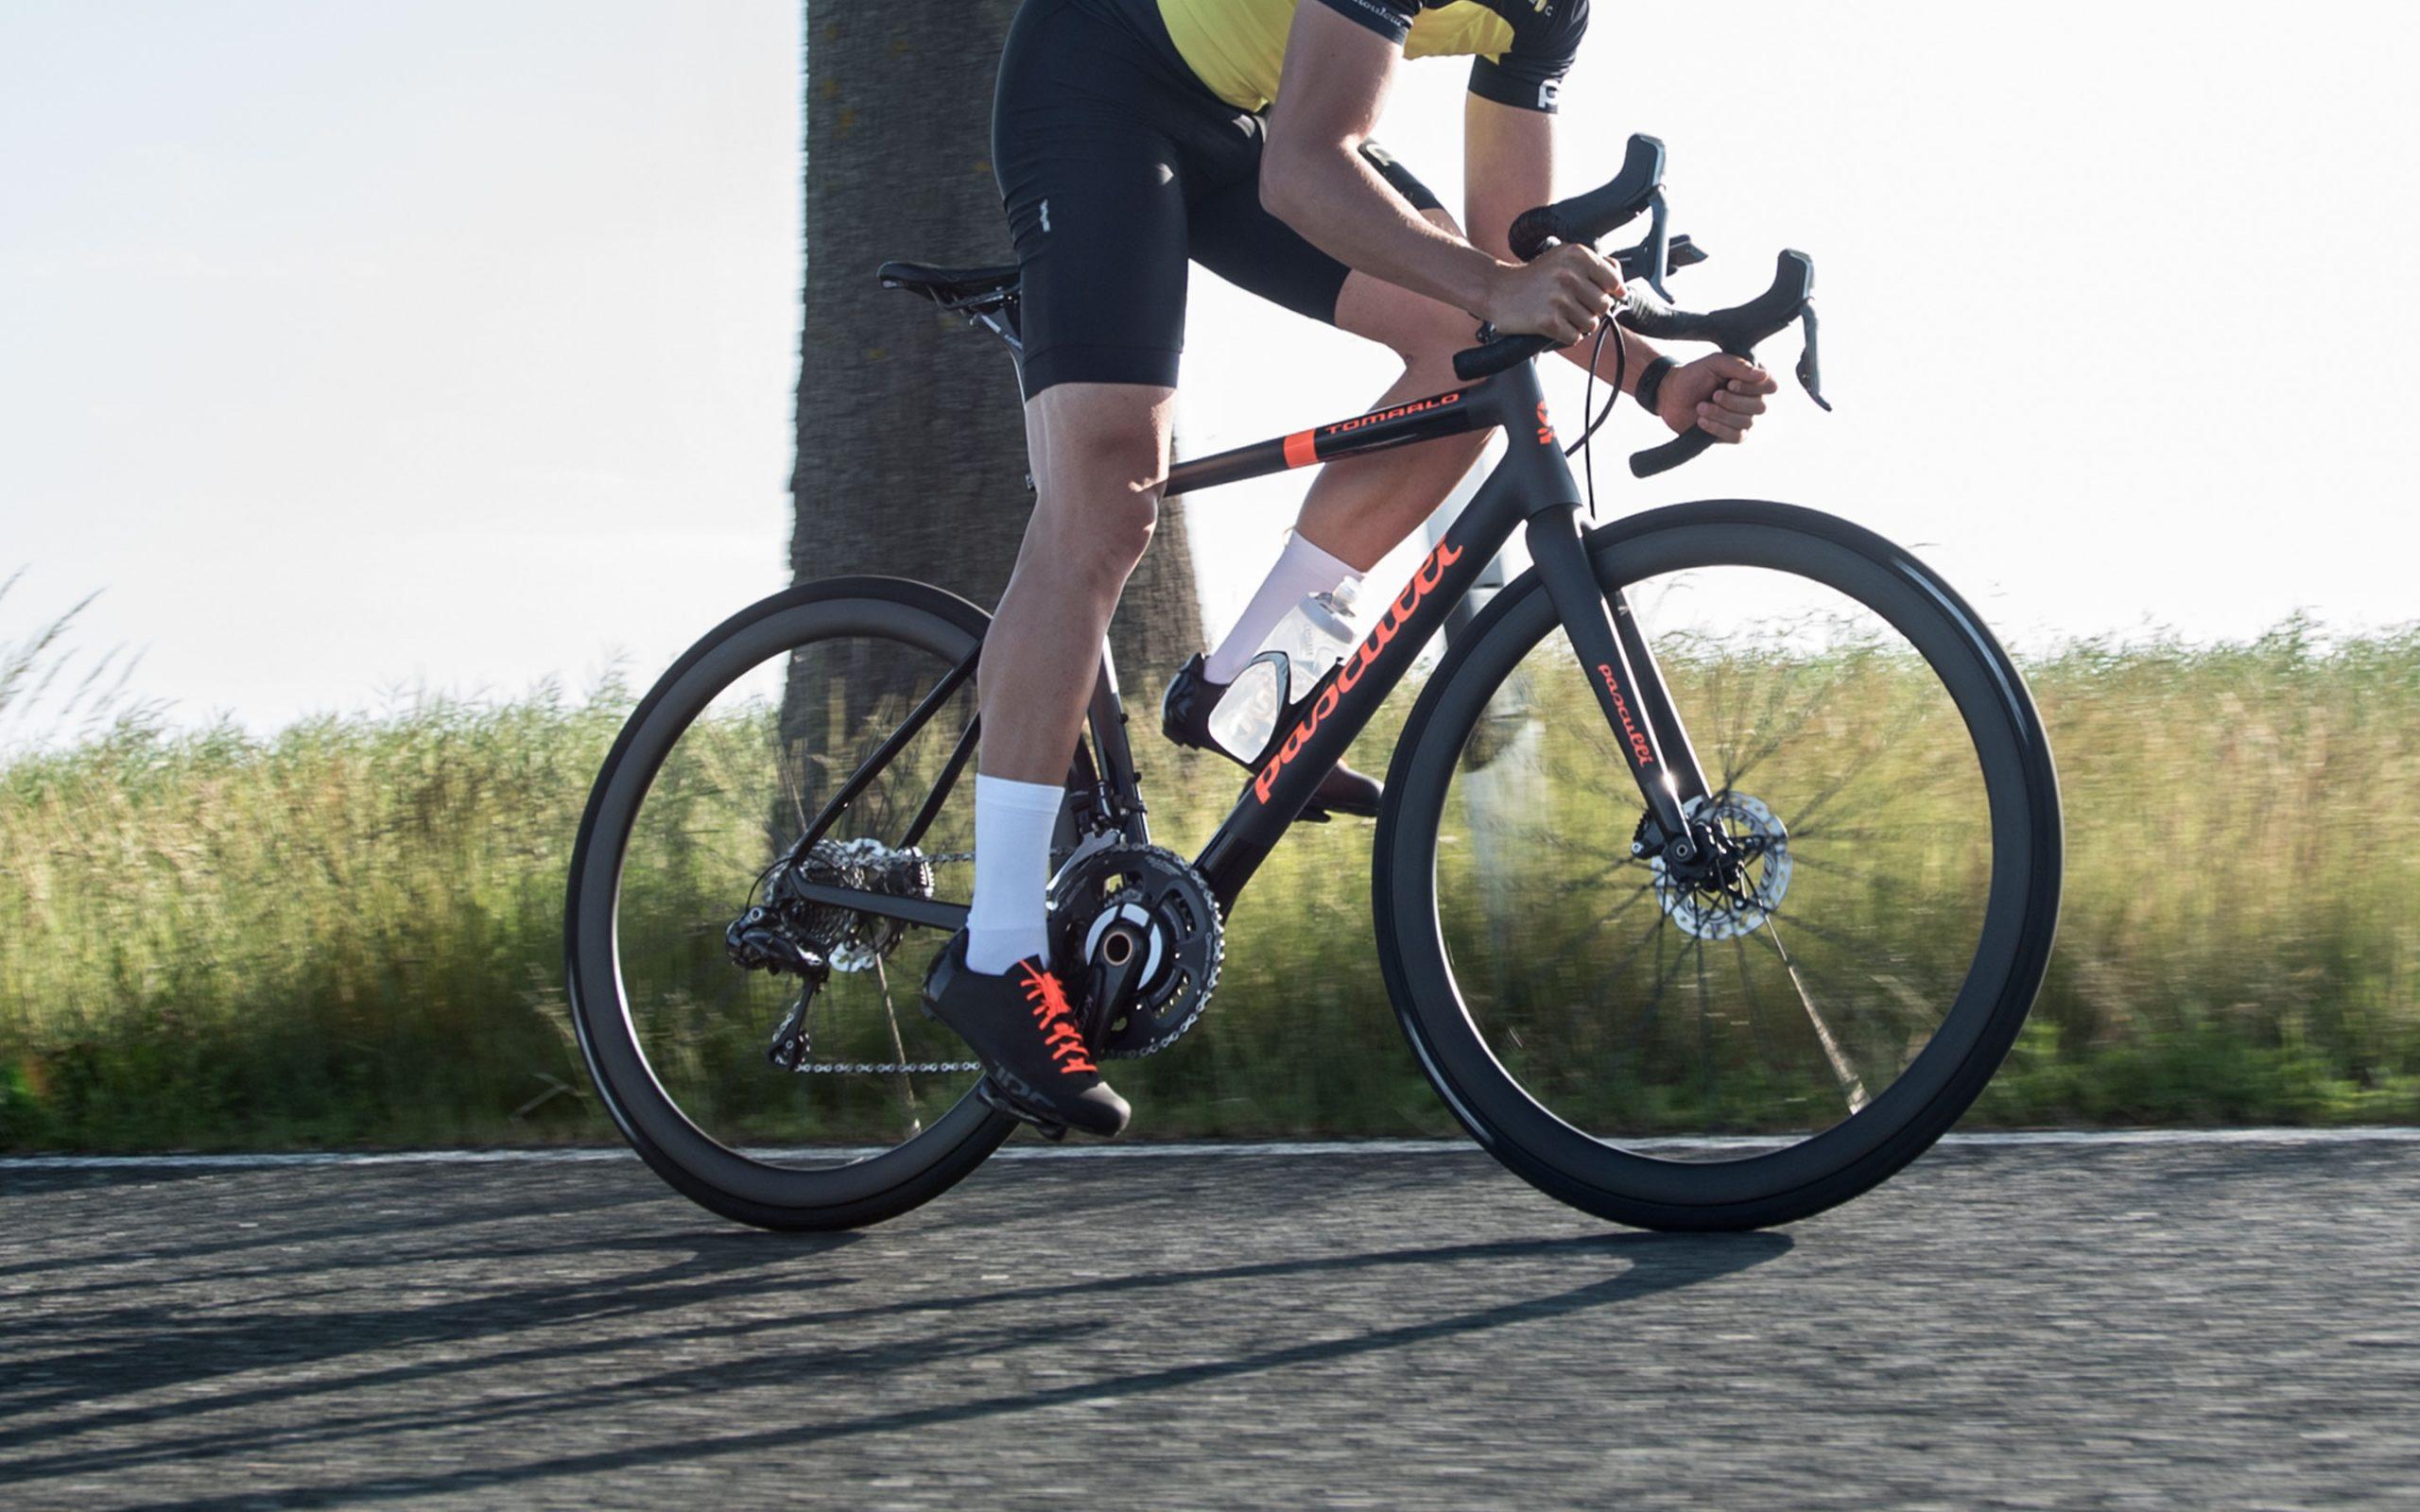 Pasculli_Tomarlo_Disc_Road_Bike